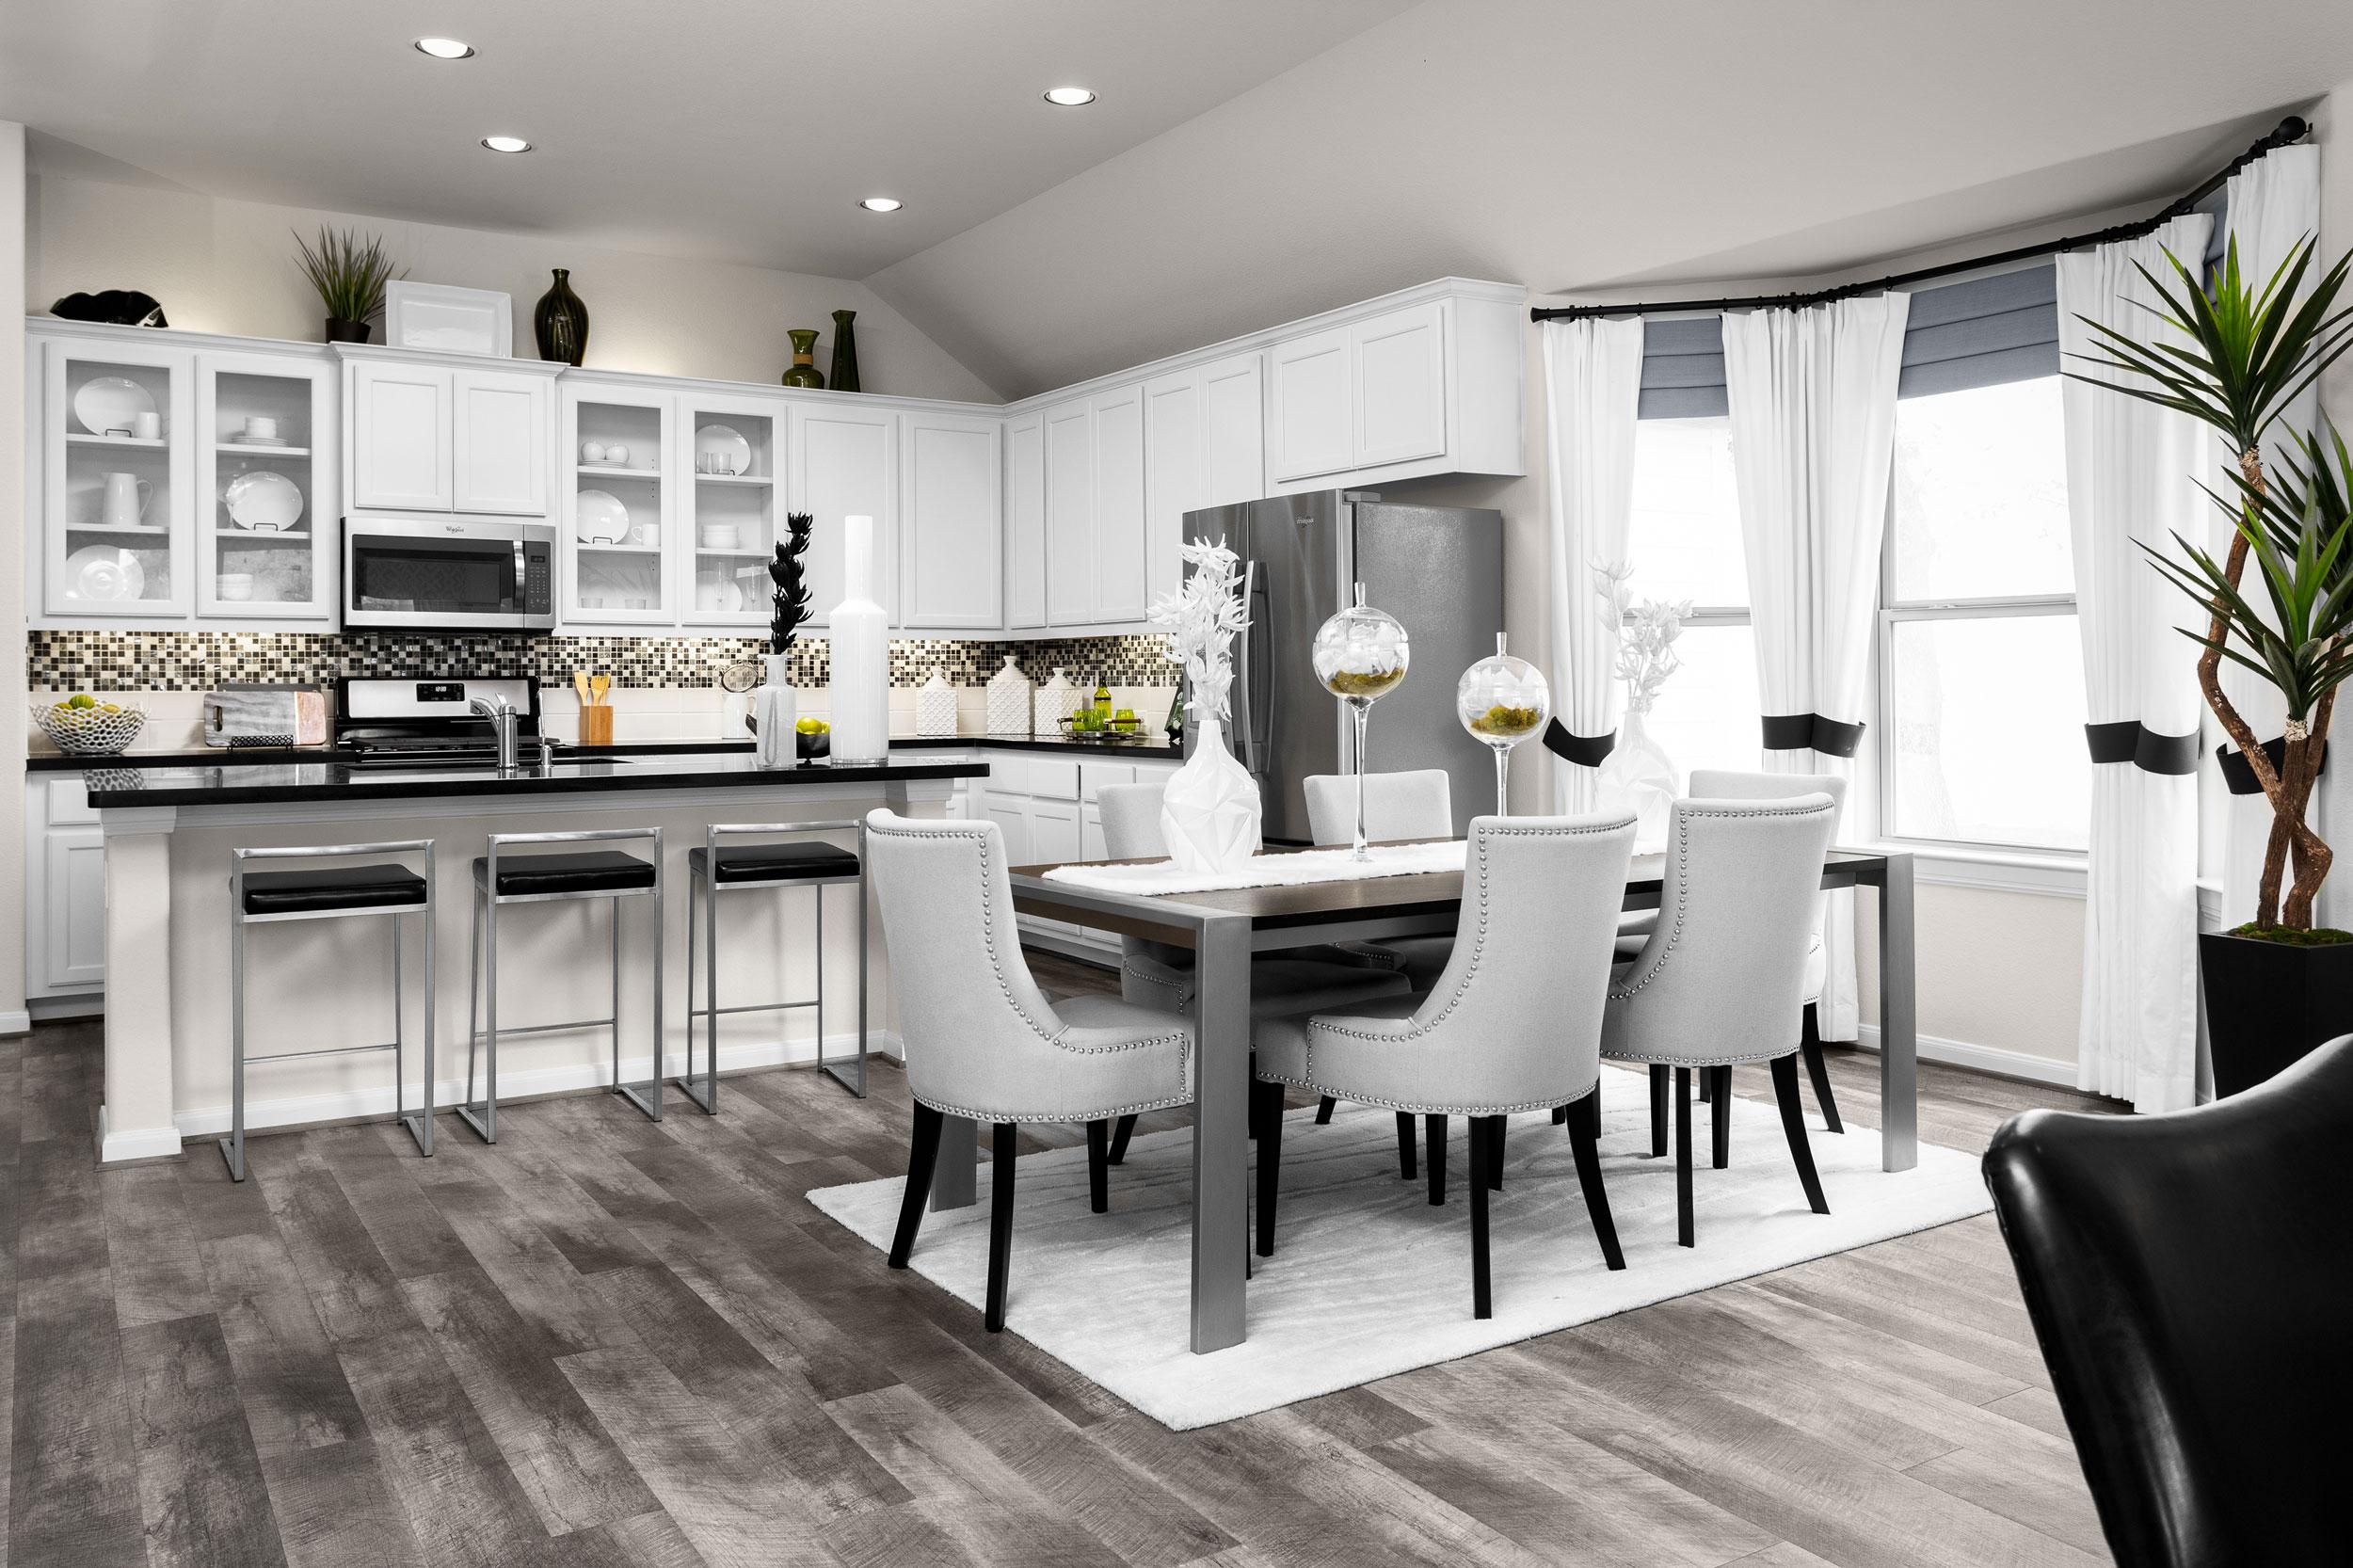 kitchen-dining-design.jpg